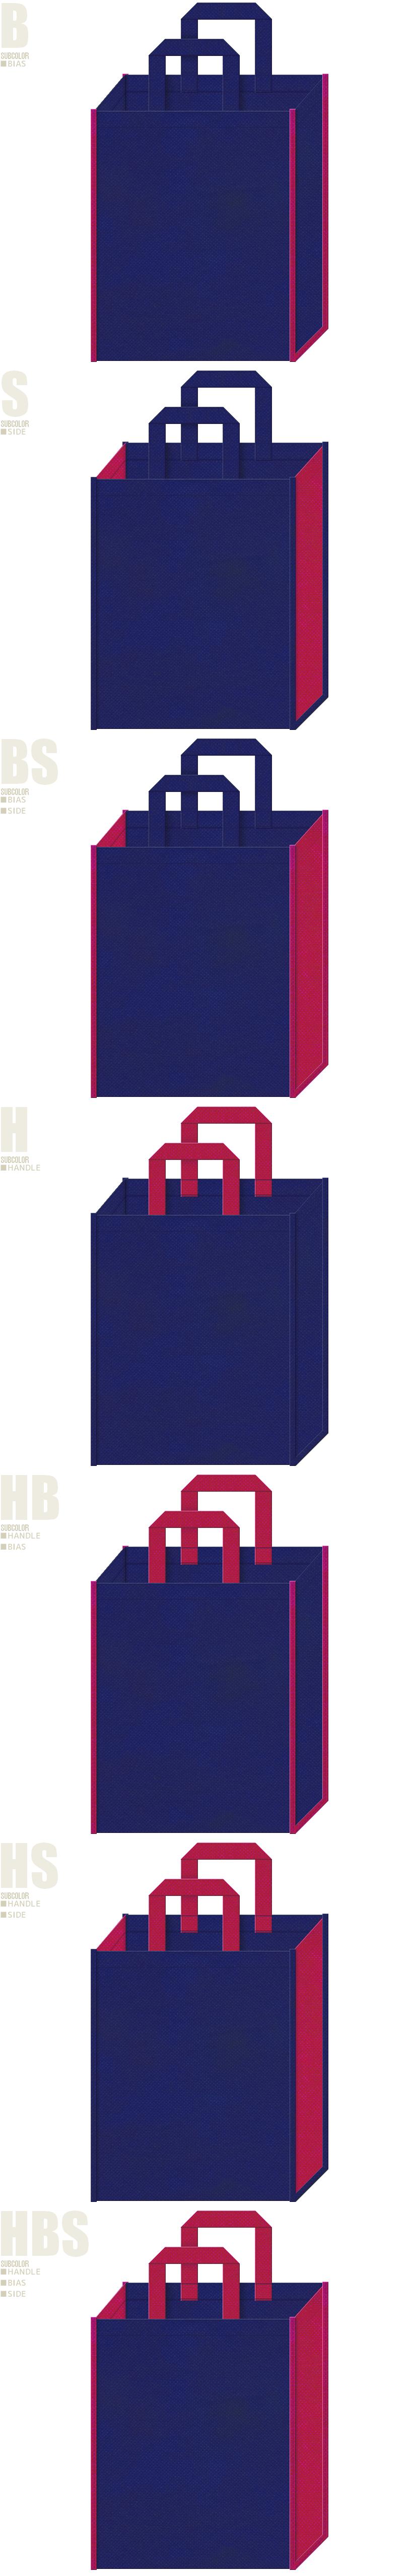 浴衣イメージの不織布バッグにお奨めの、紺紫色と濃いピンク色-7パターンの不織布トートバッグ配色デザイン例